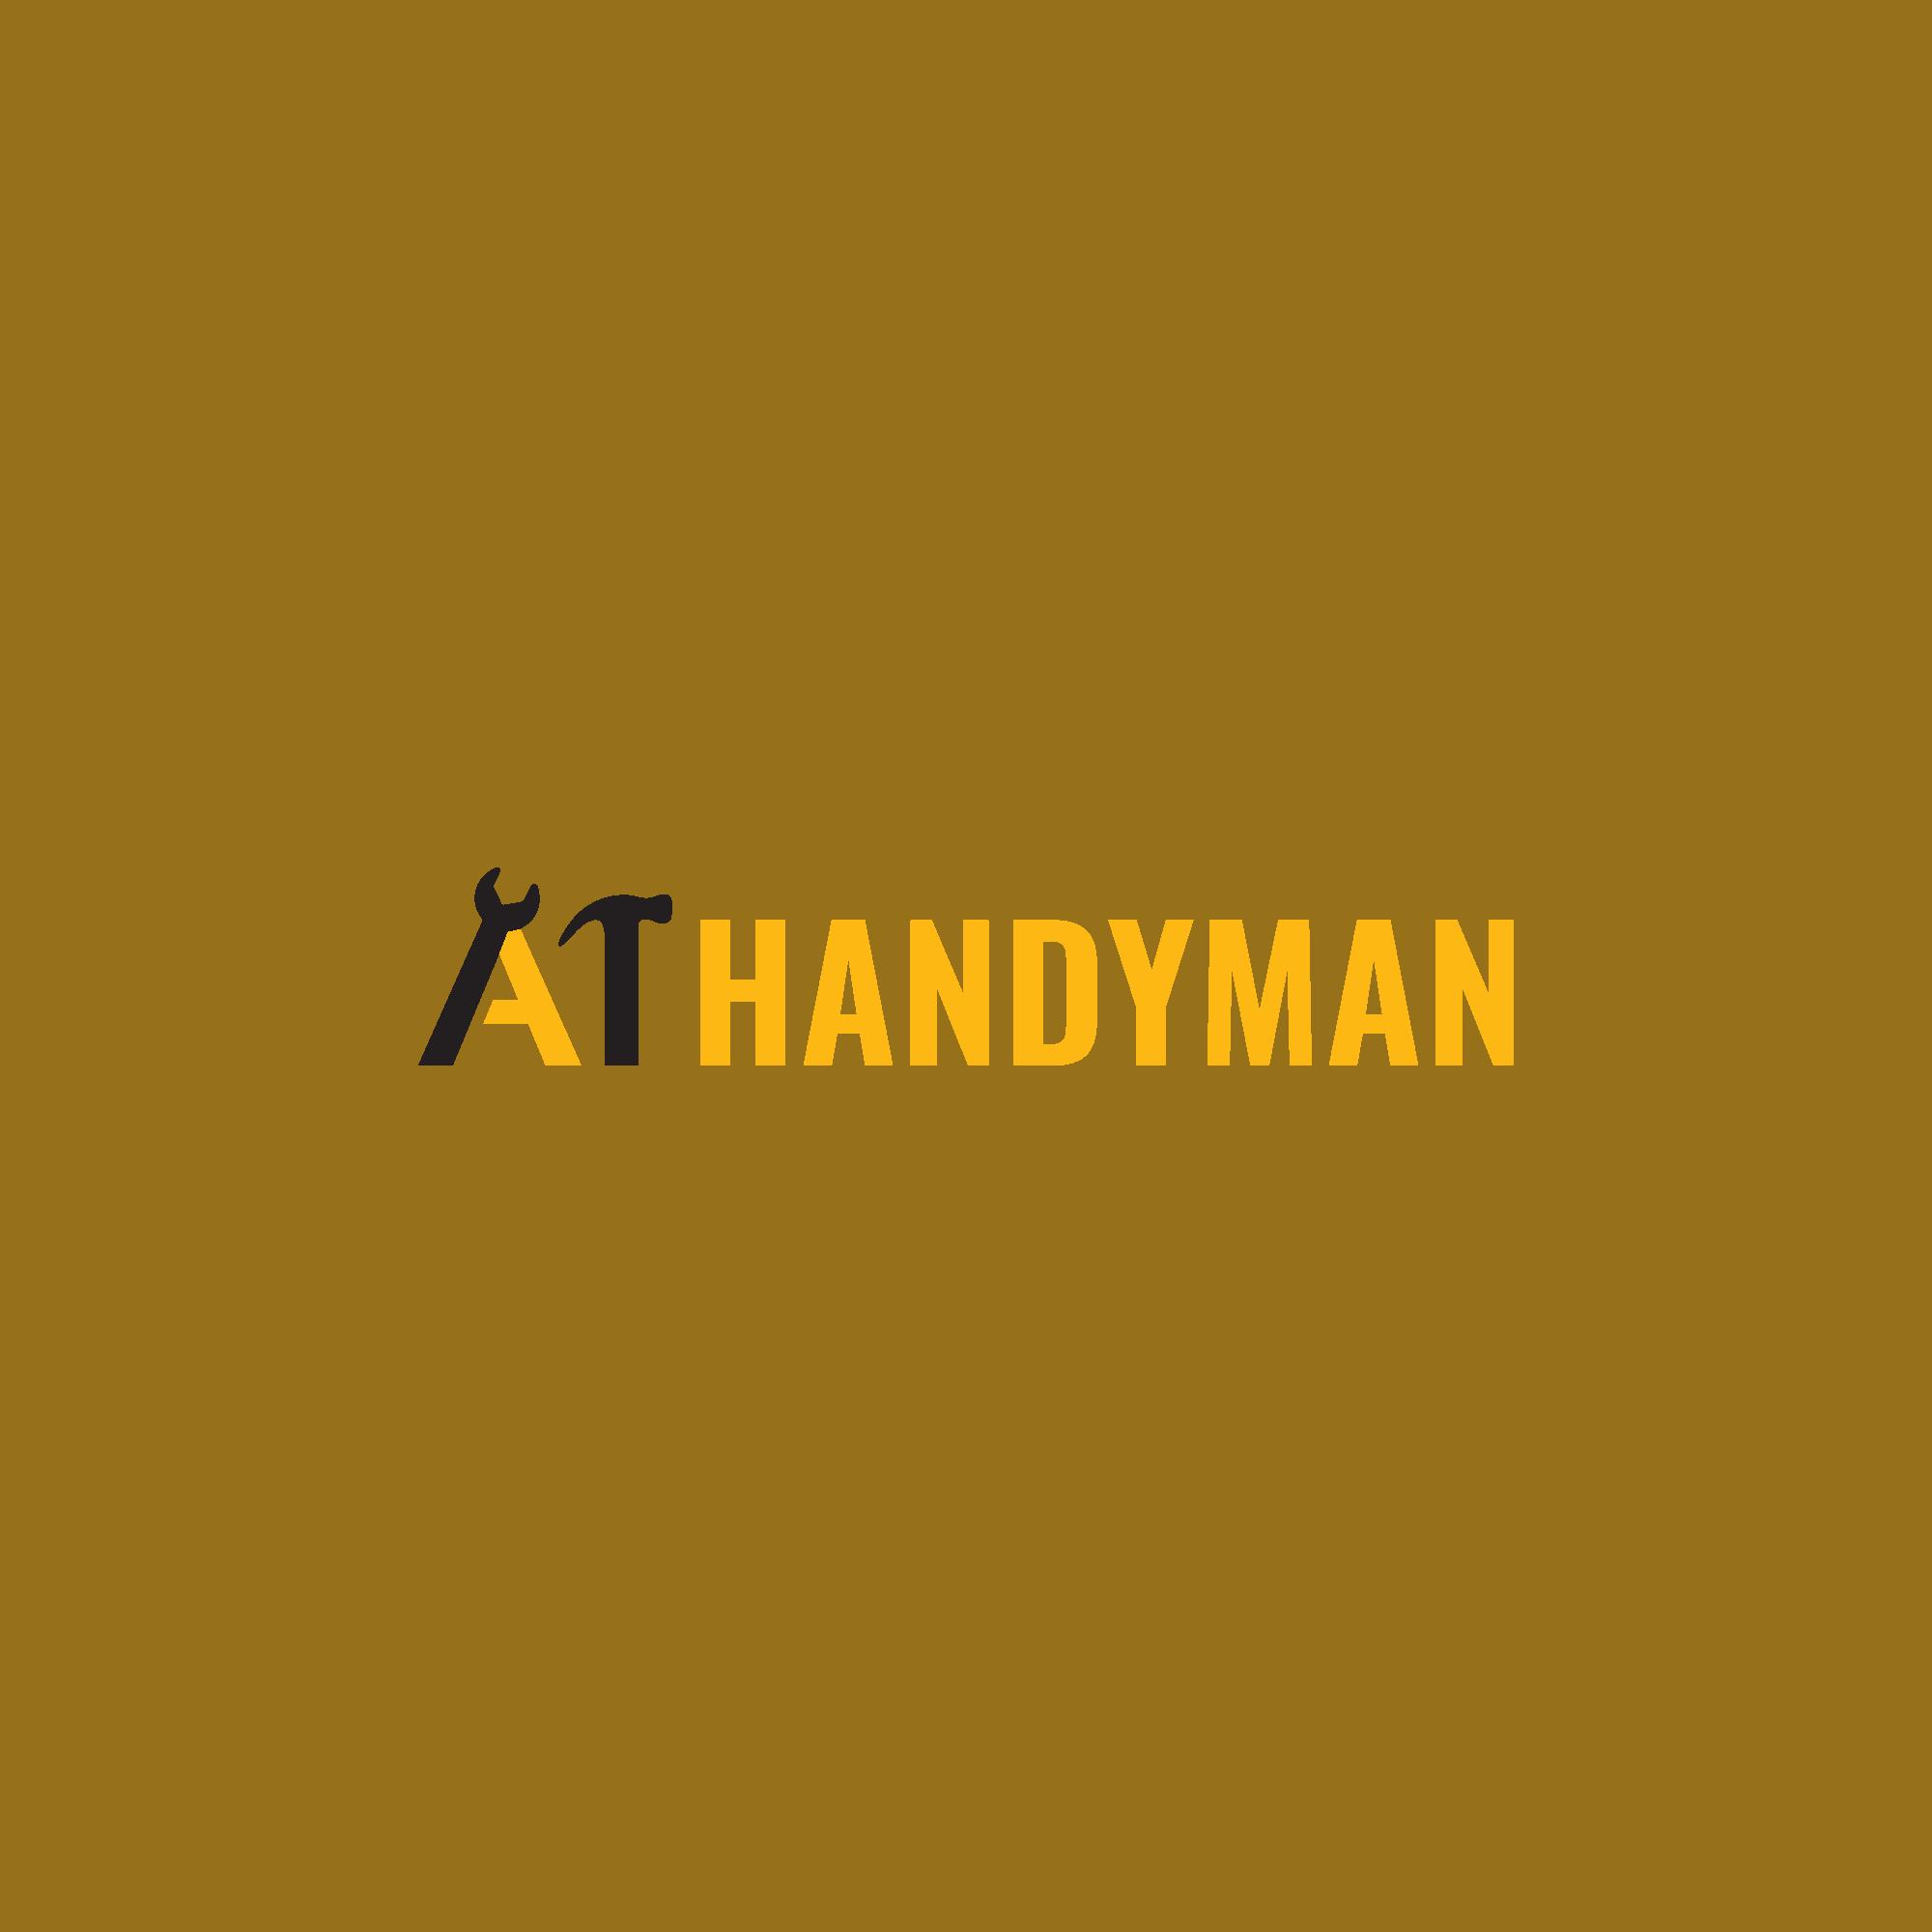 a1 handyman singapore logo